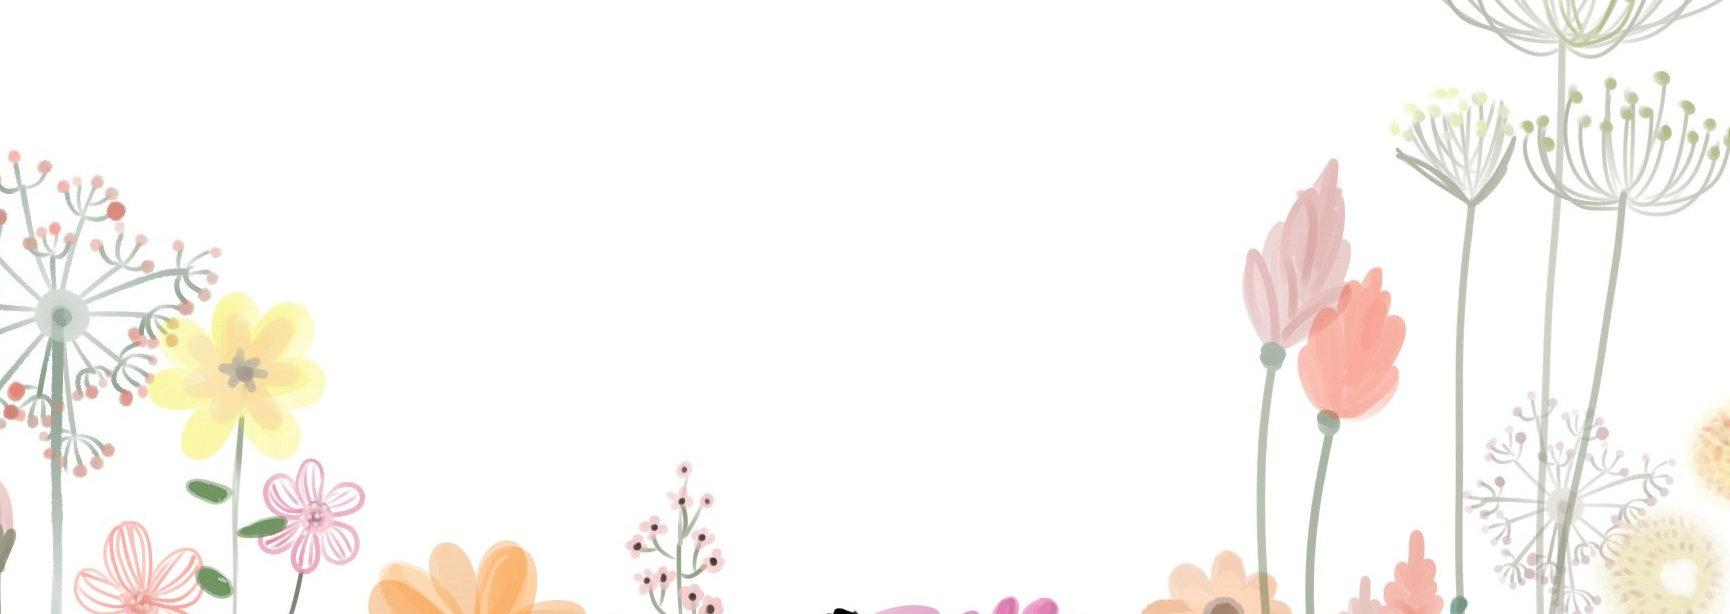 flower-2336287.jpg